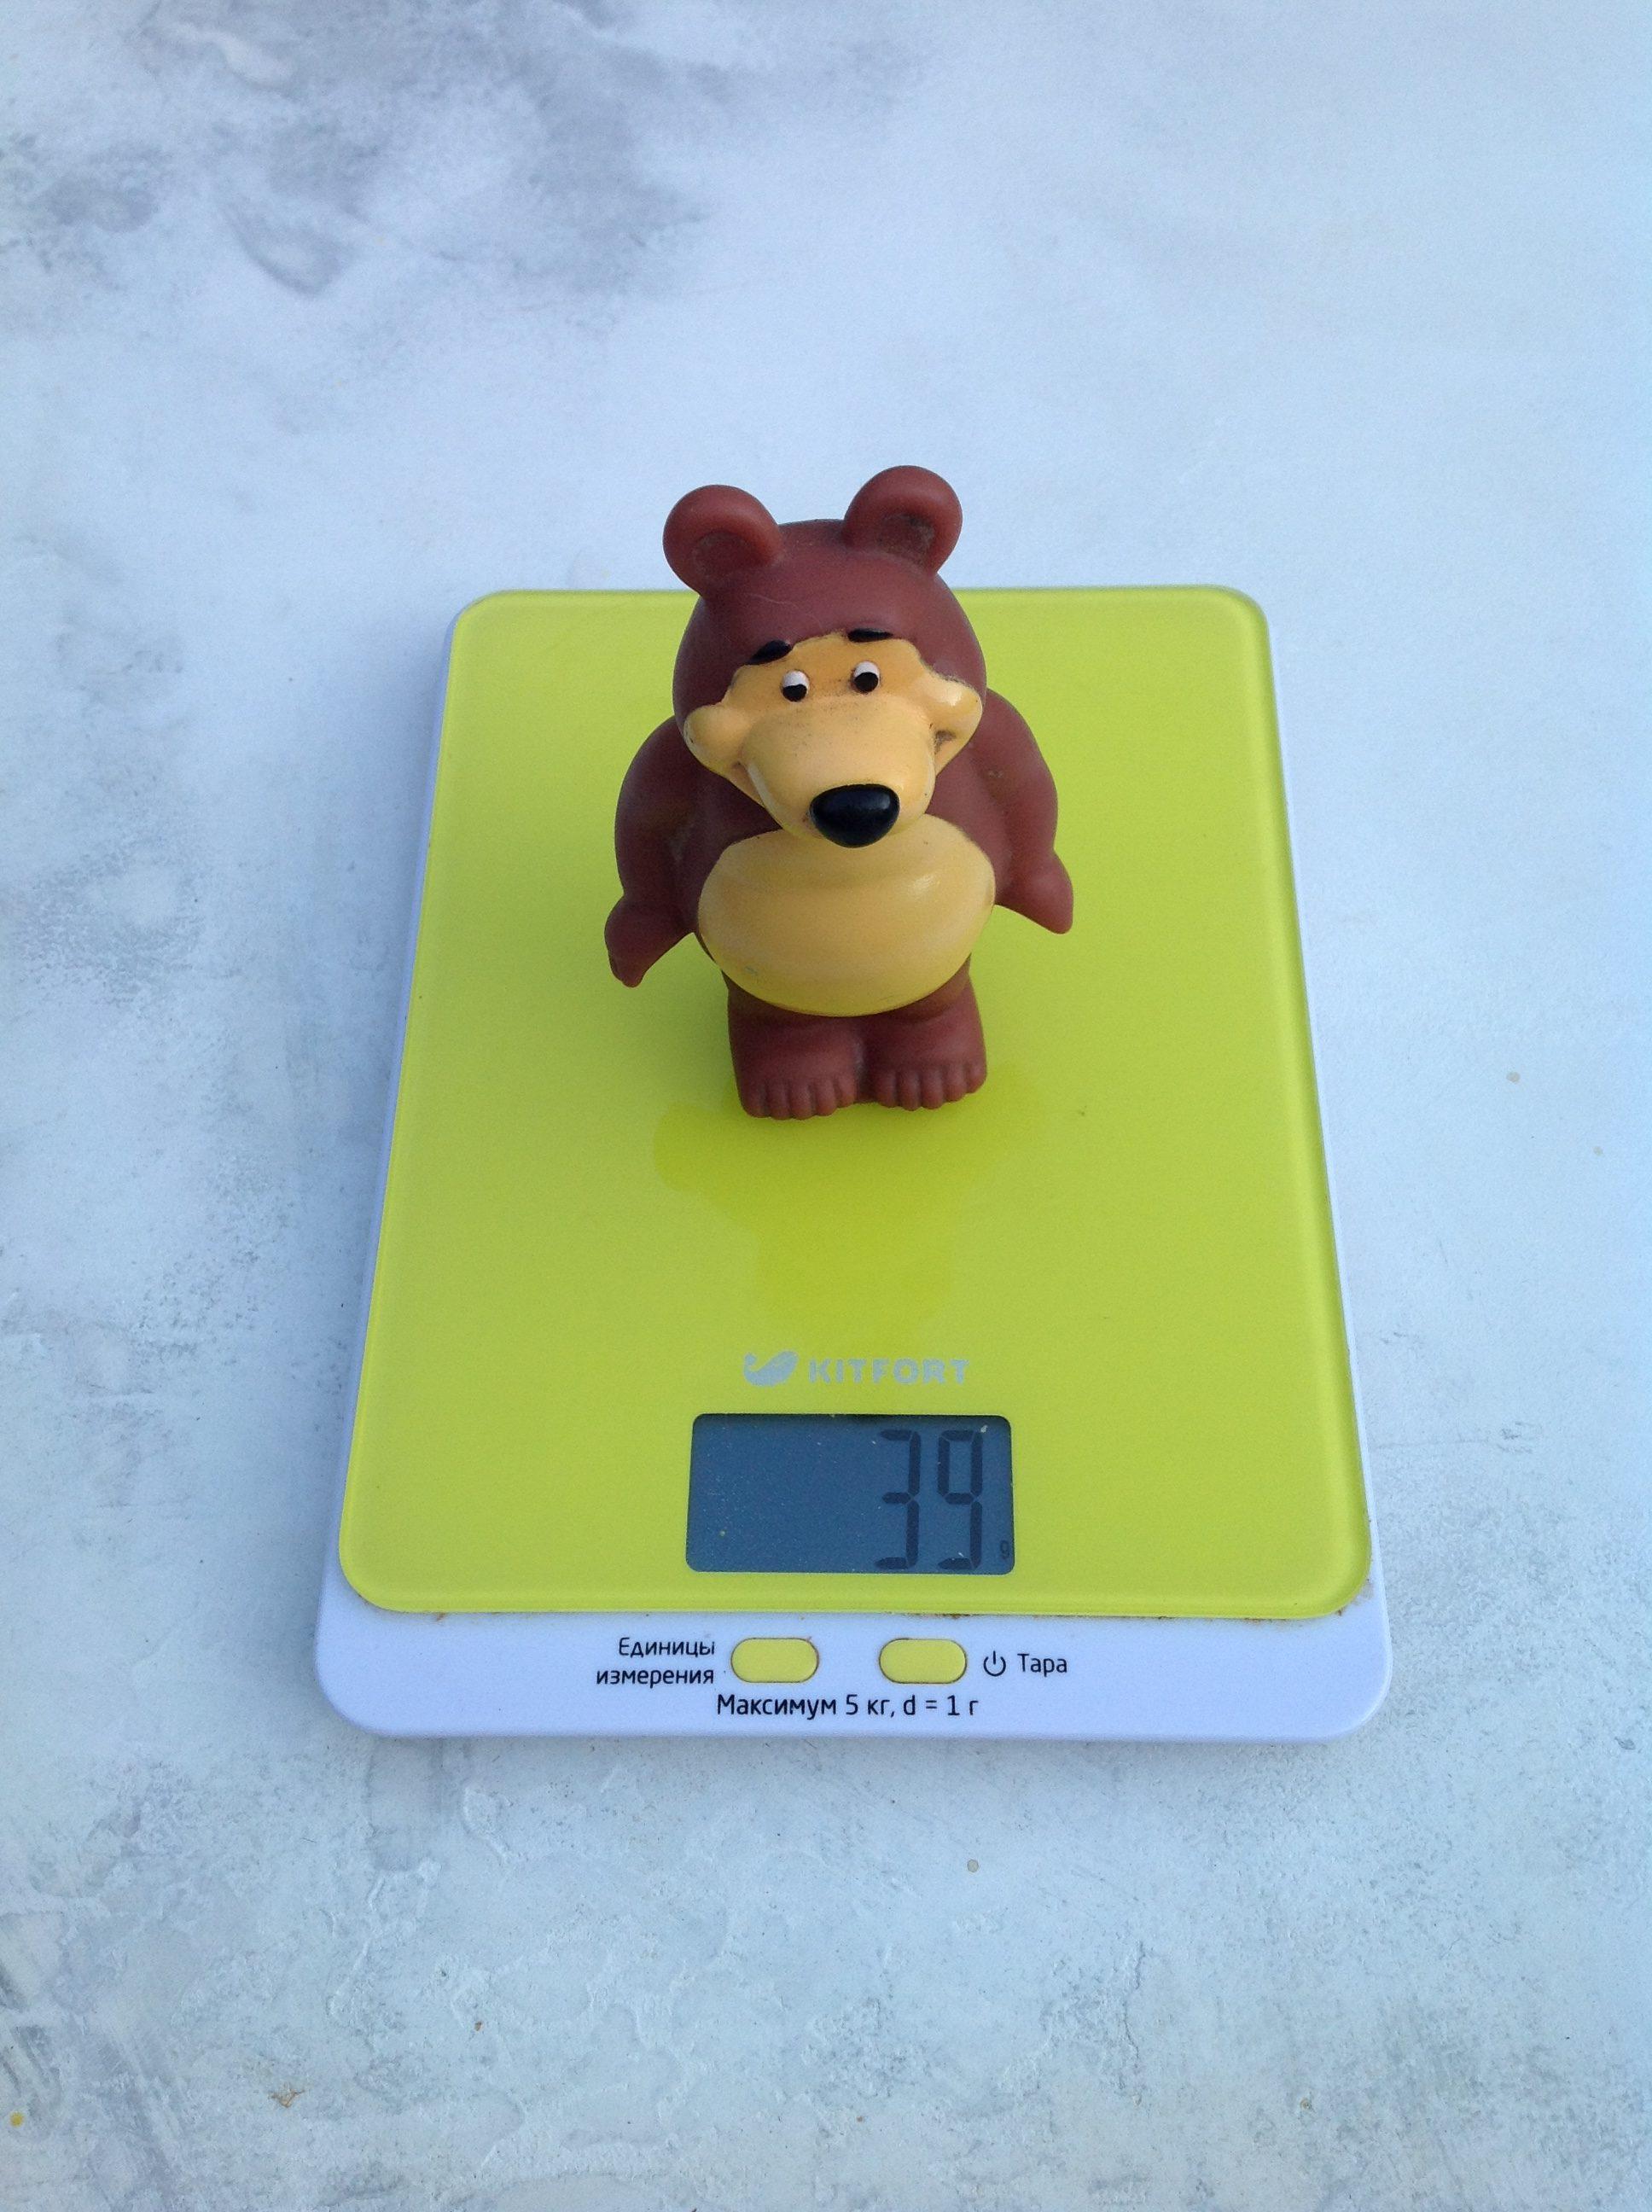 вес игрушки медведь резинового малого